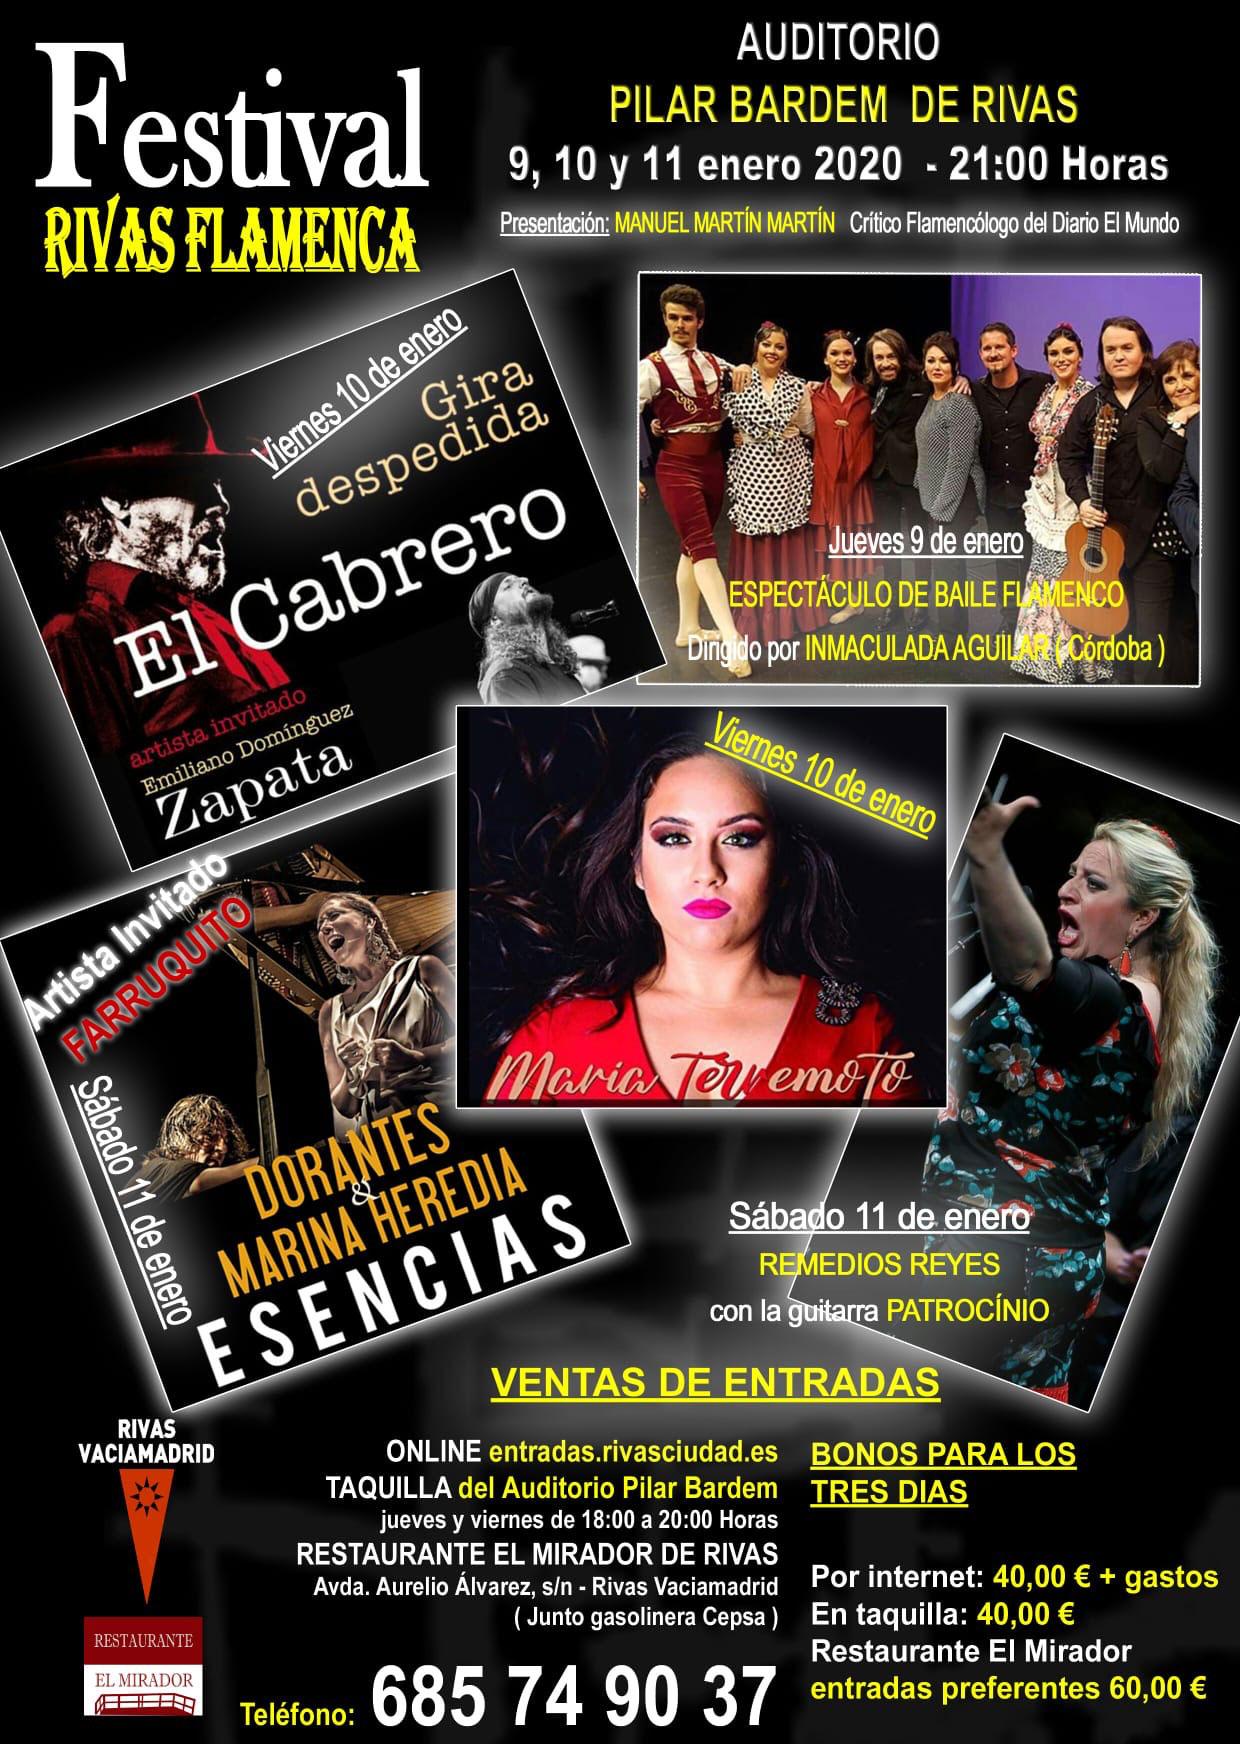 Festival Rivas Flamenca 2020